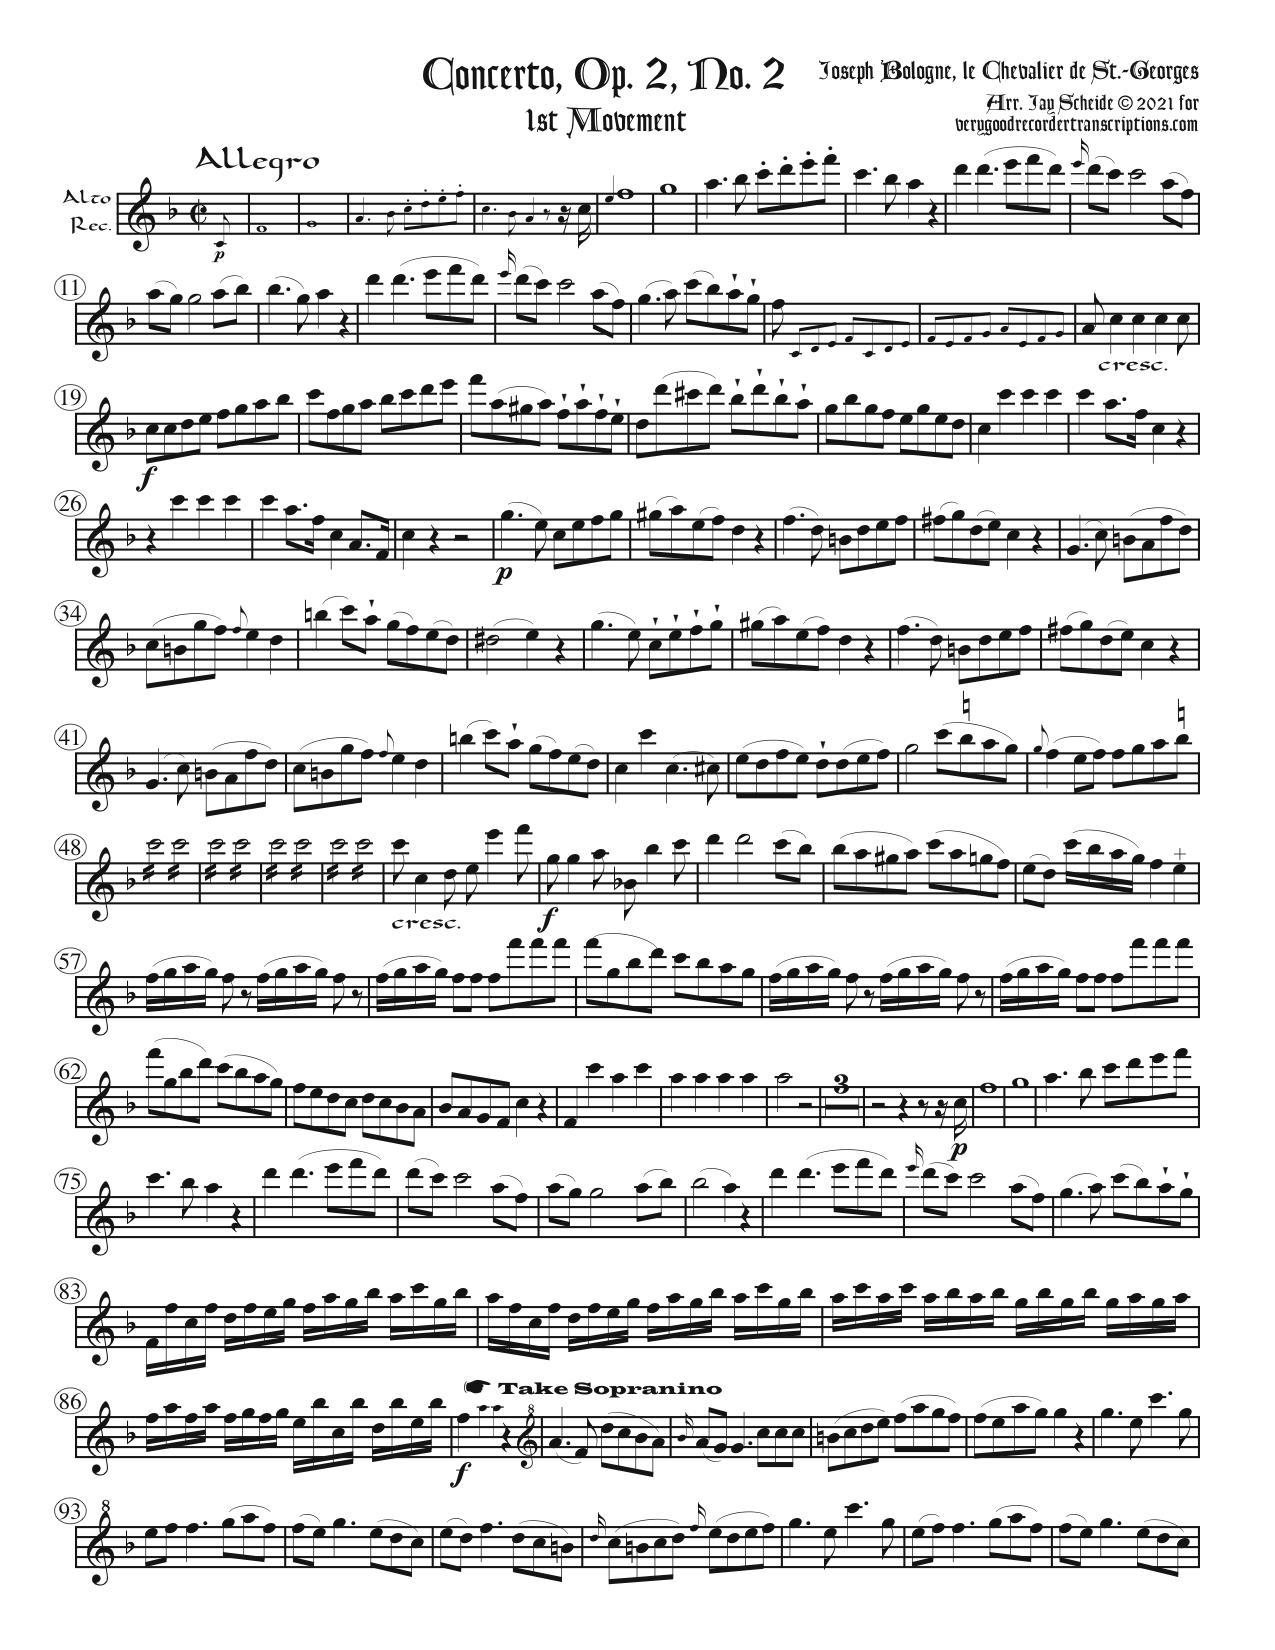 Concerto, Op. 2, No. 2